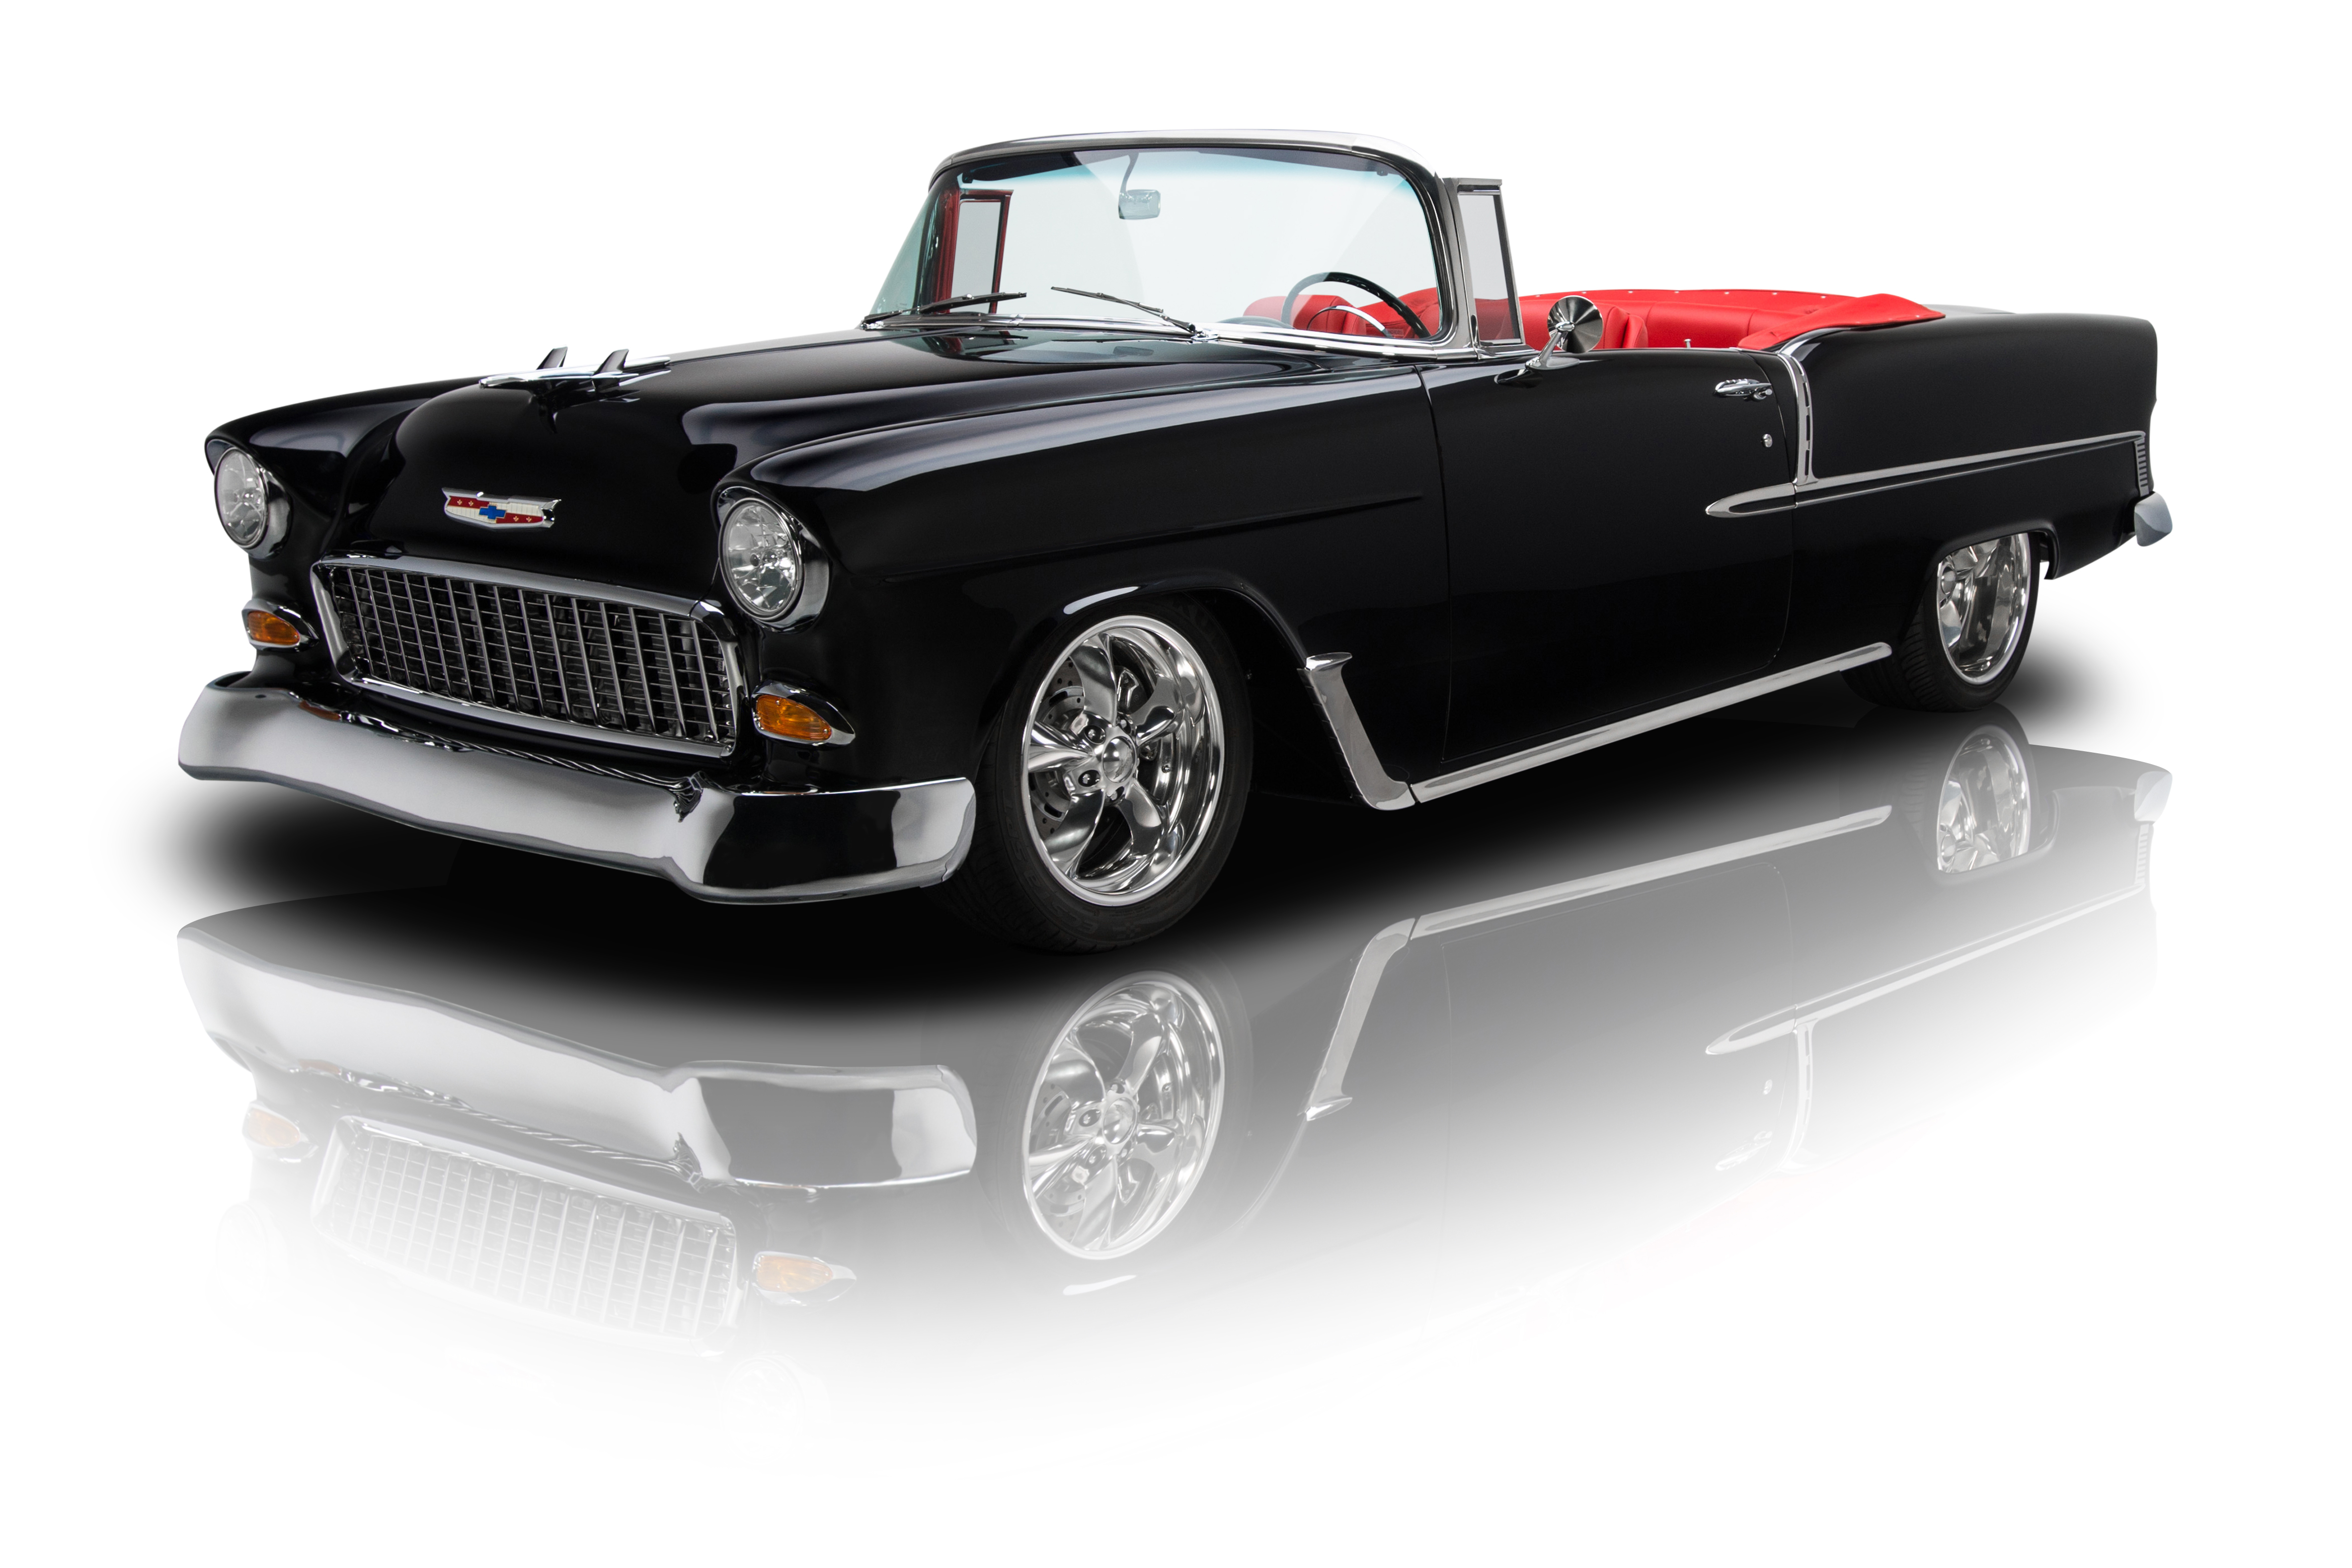 134674 1955 chevrolet bel air rk motors. Black Bedroom Furniture Sets. Home Design Ideas